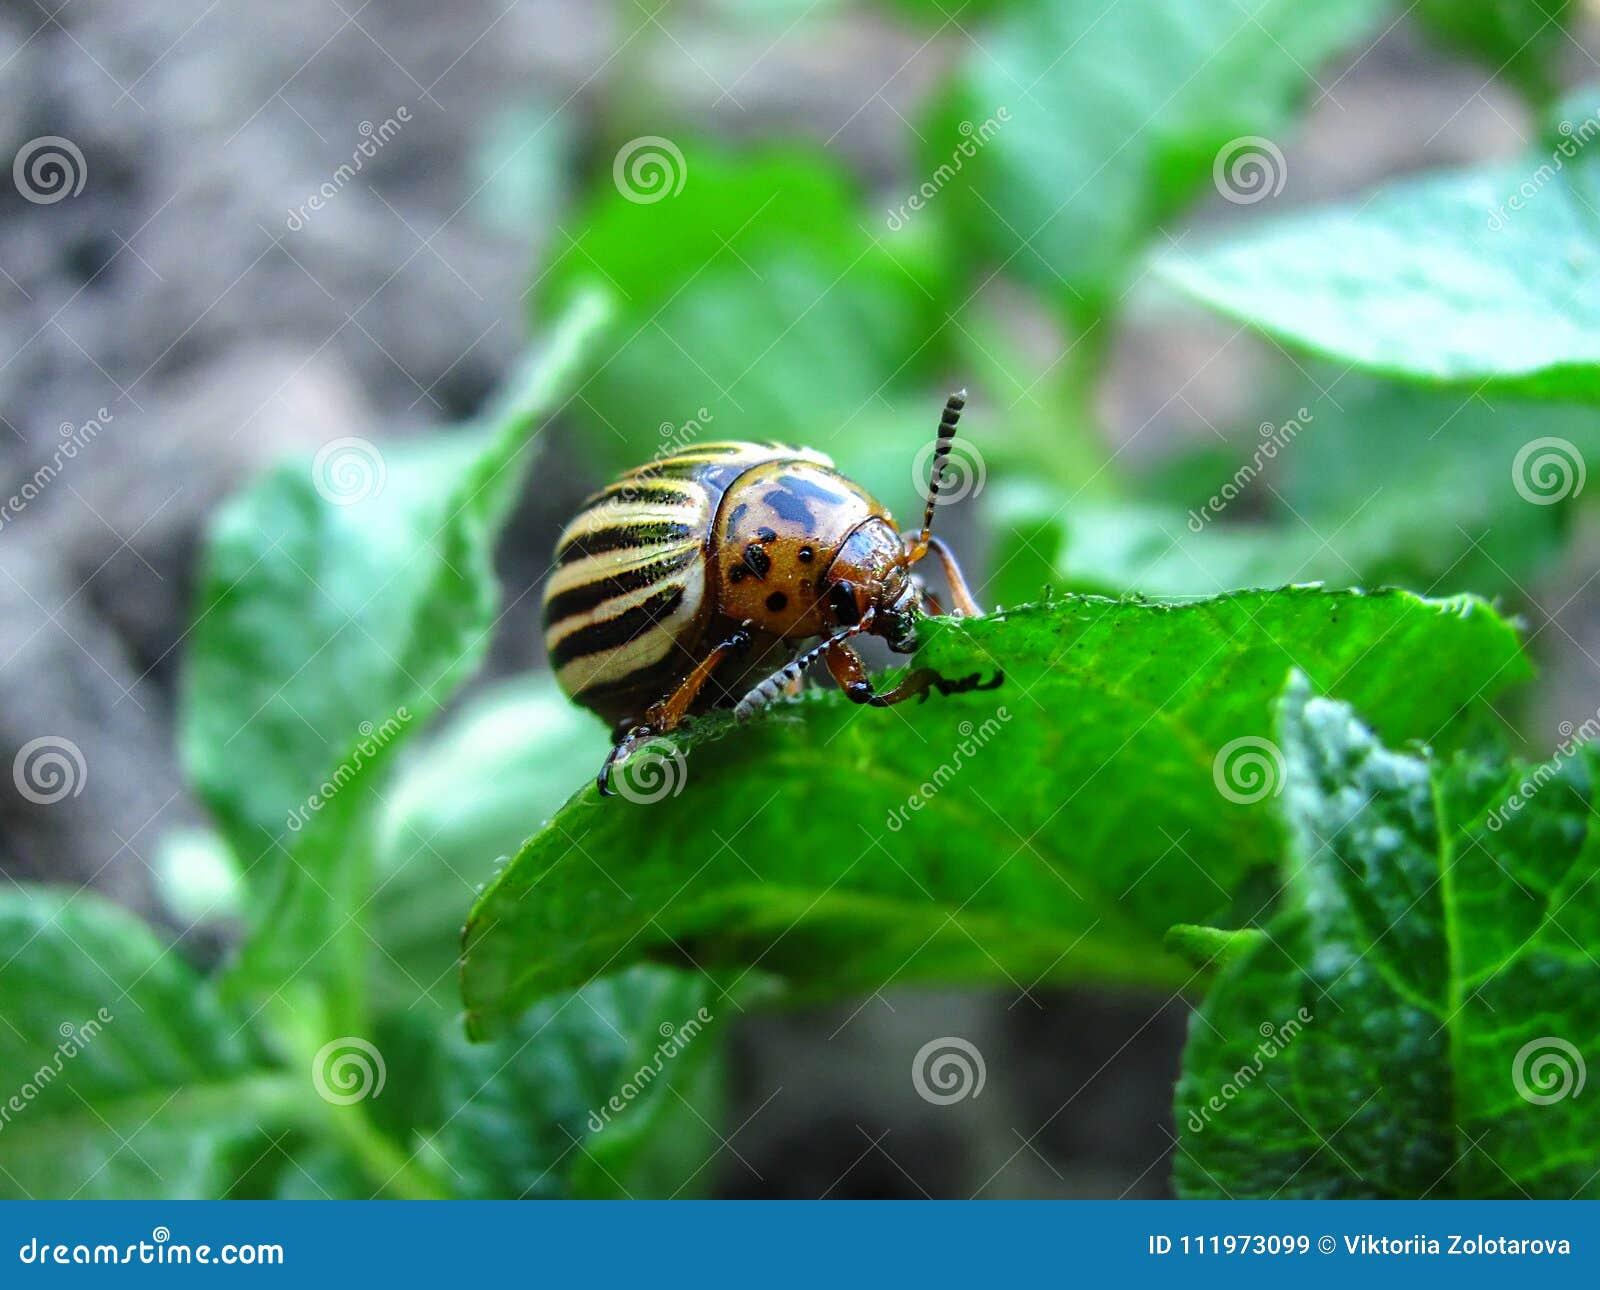 Potato bug close up